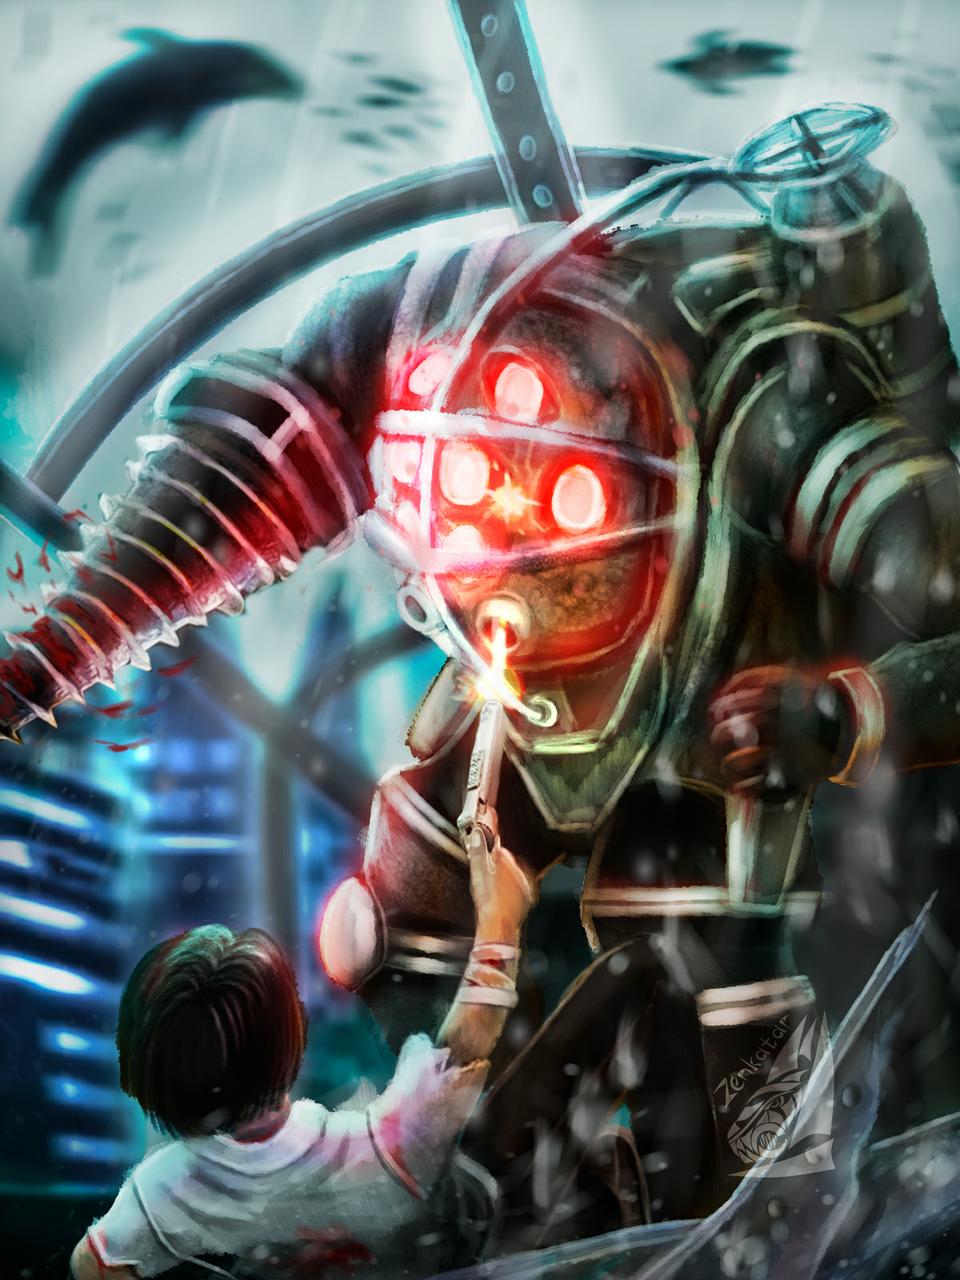 Bioshock fan art (big daddy) Illust of ℤ𝕖𝕟𝕜𝕒𝕥𝕒𝕣 medibangpaint fanart gameart bioshock steampunk speedpaint